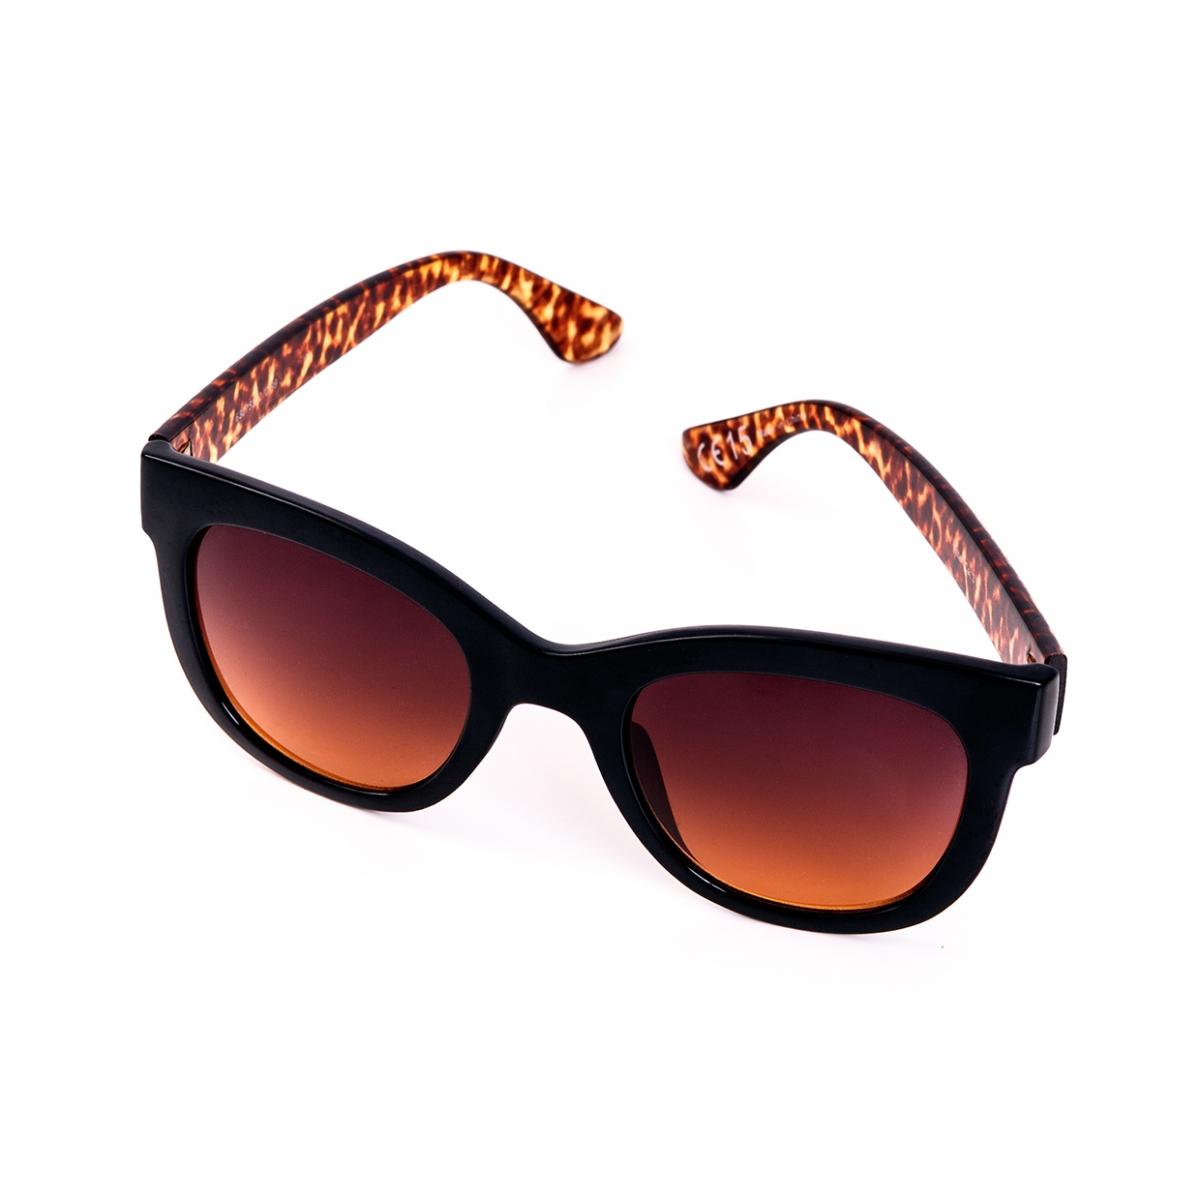 Imagen en la que se ven unas gafas de sol